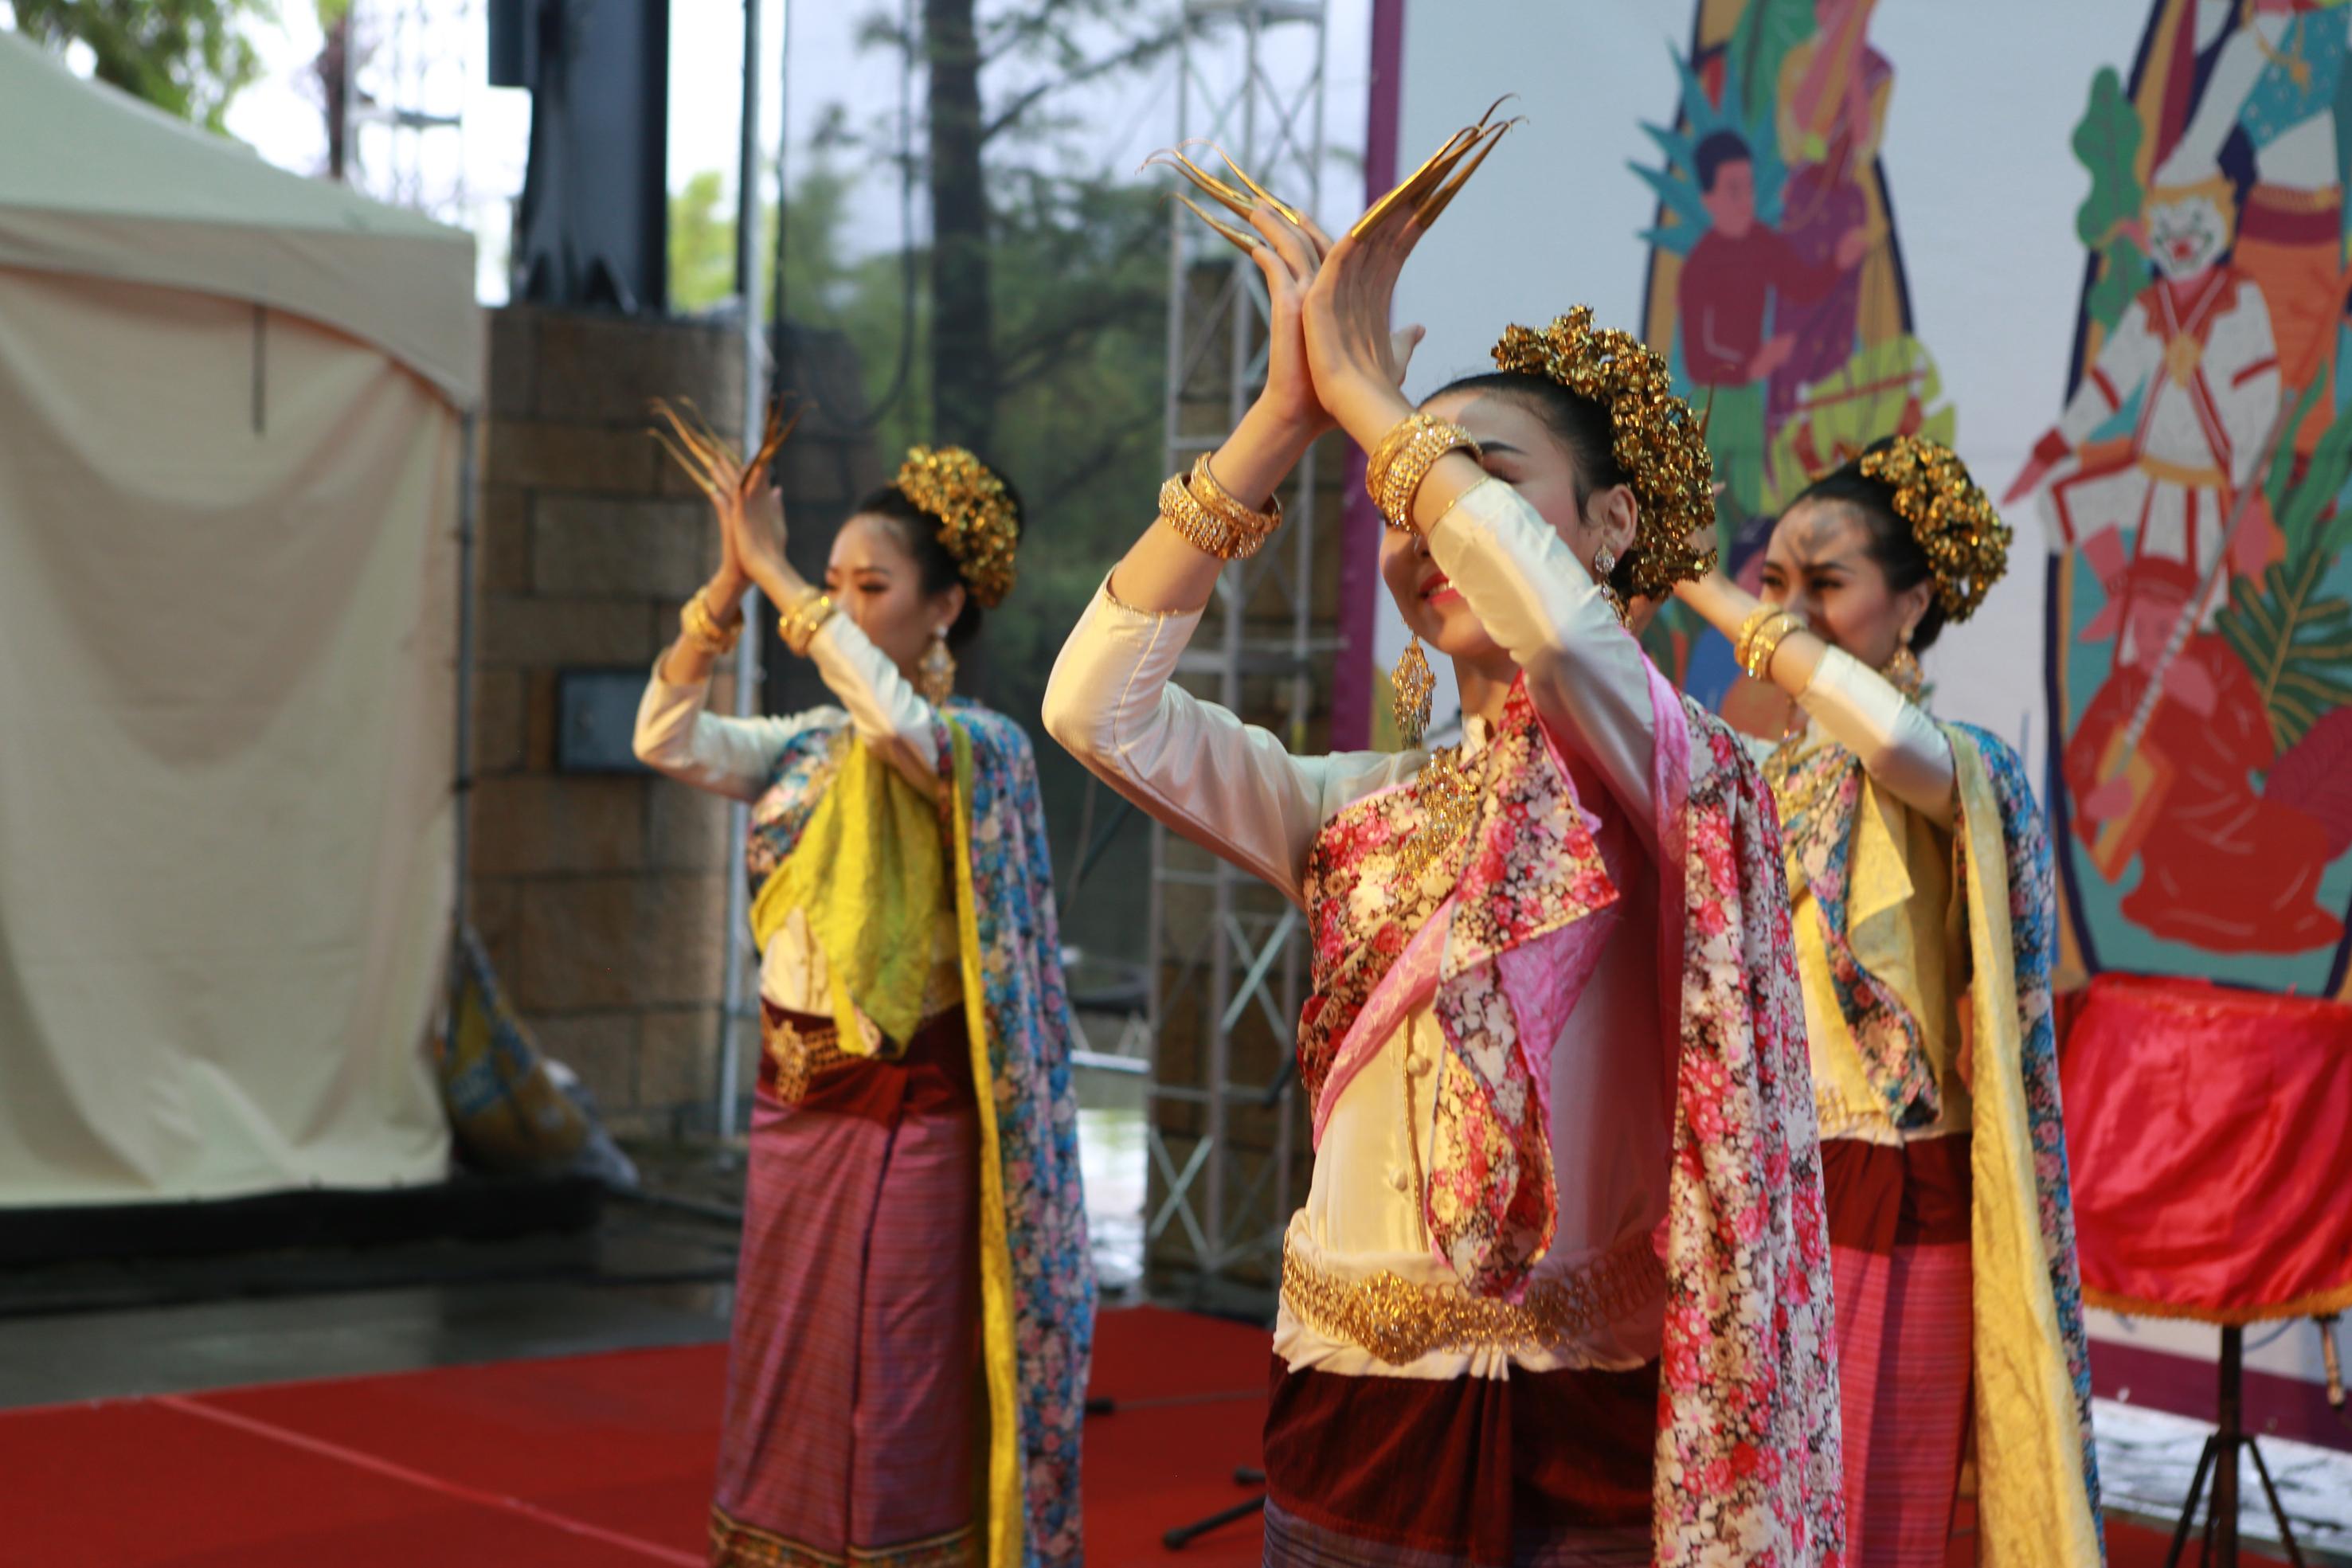 泰国泰美好南风艺术团表演《指甲舞》。(曾汉东/大纪元)